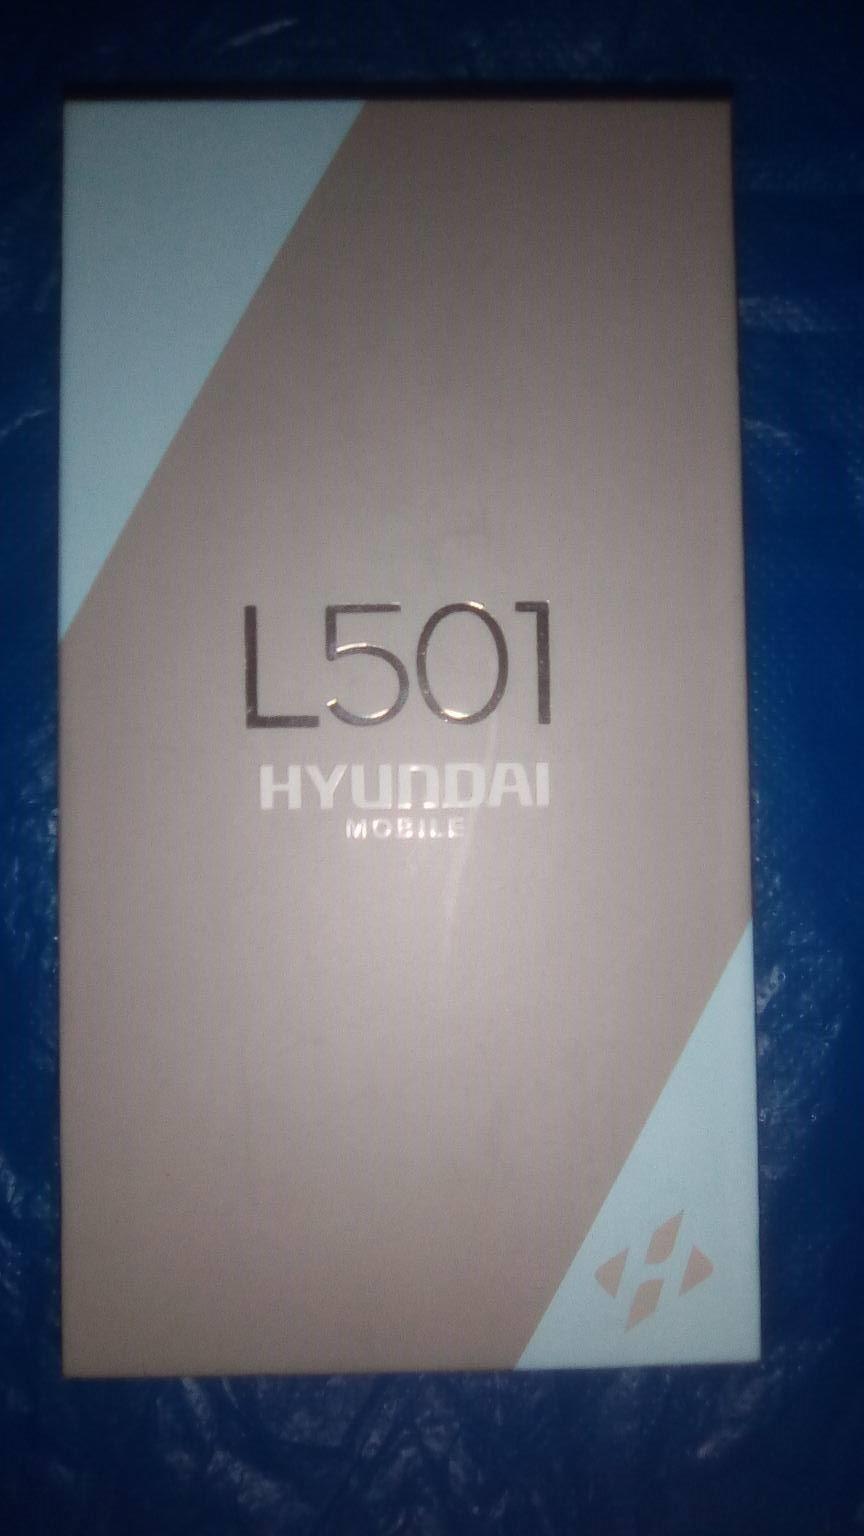 L 501 HYUNDAI